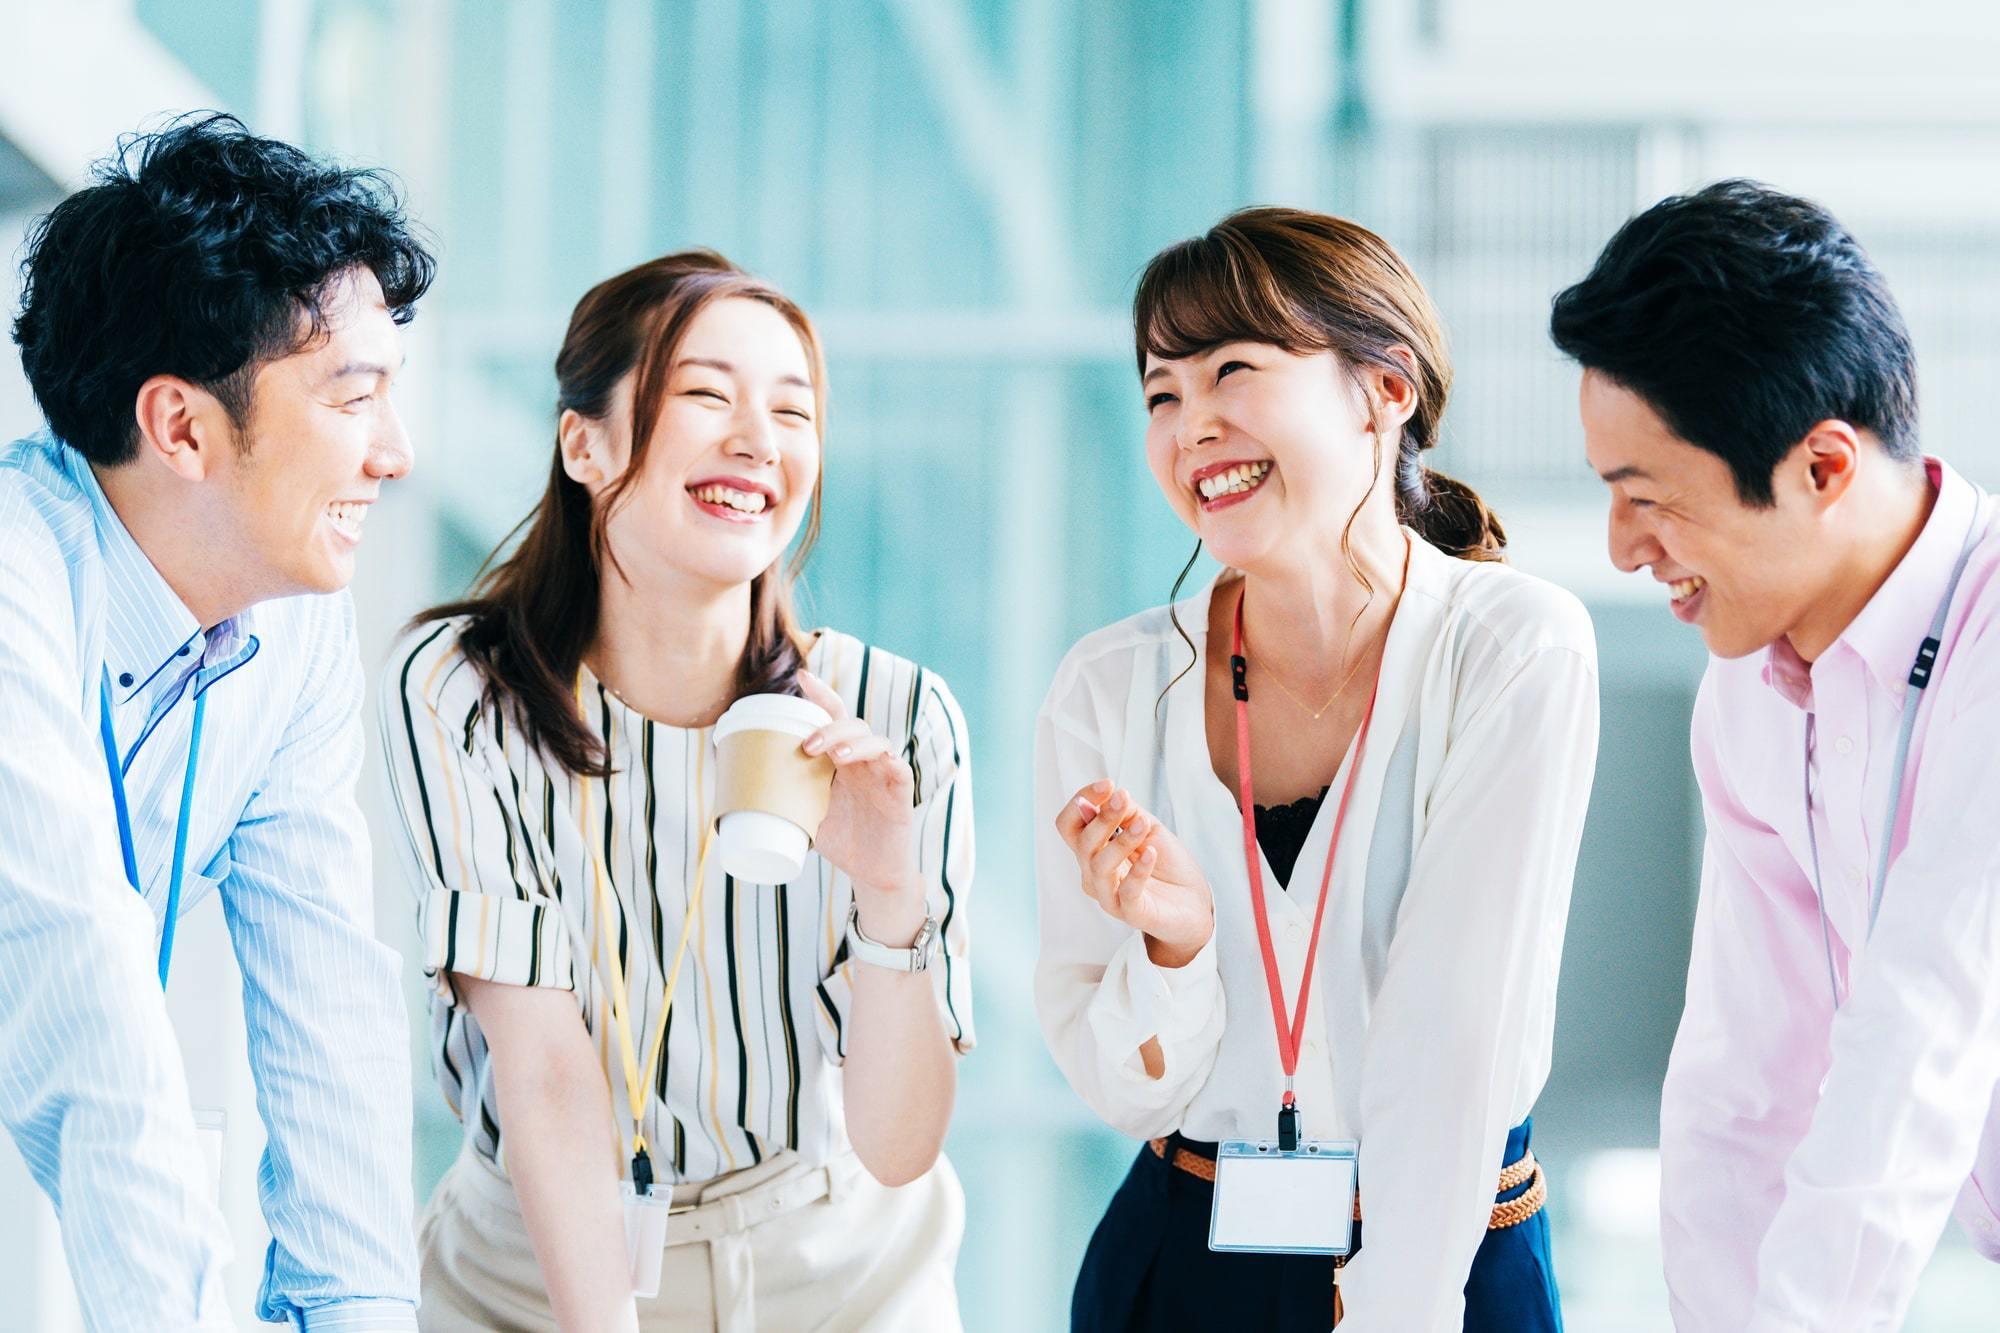 チームビルディングとは? 目的や方法、研修事例を紹介_4